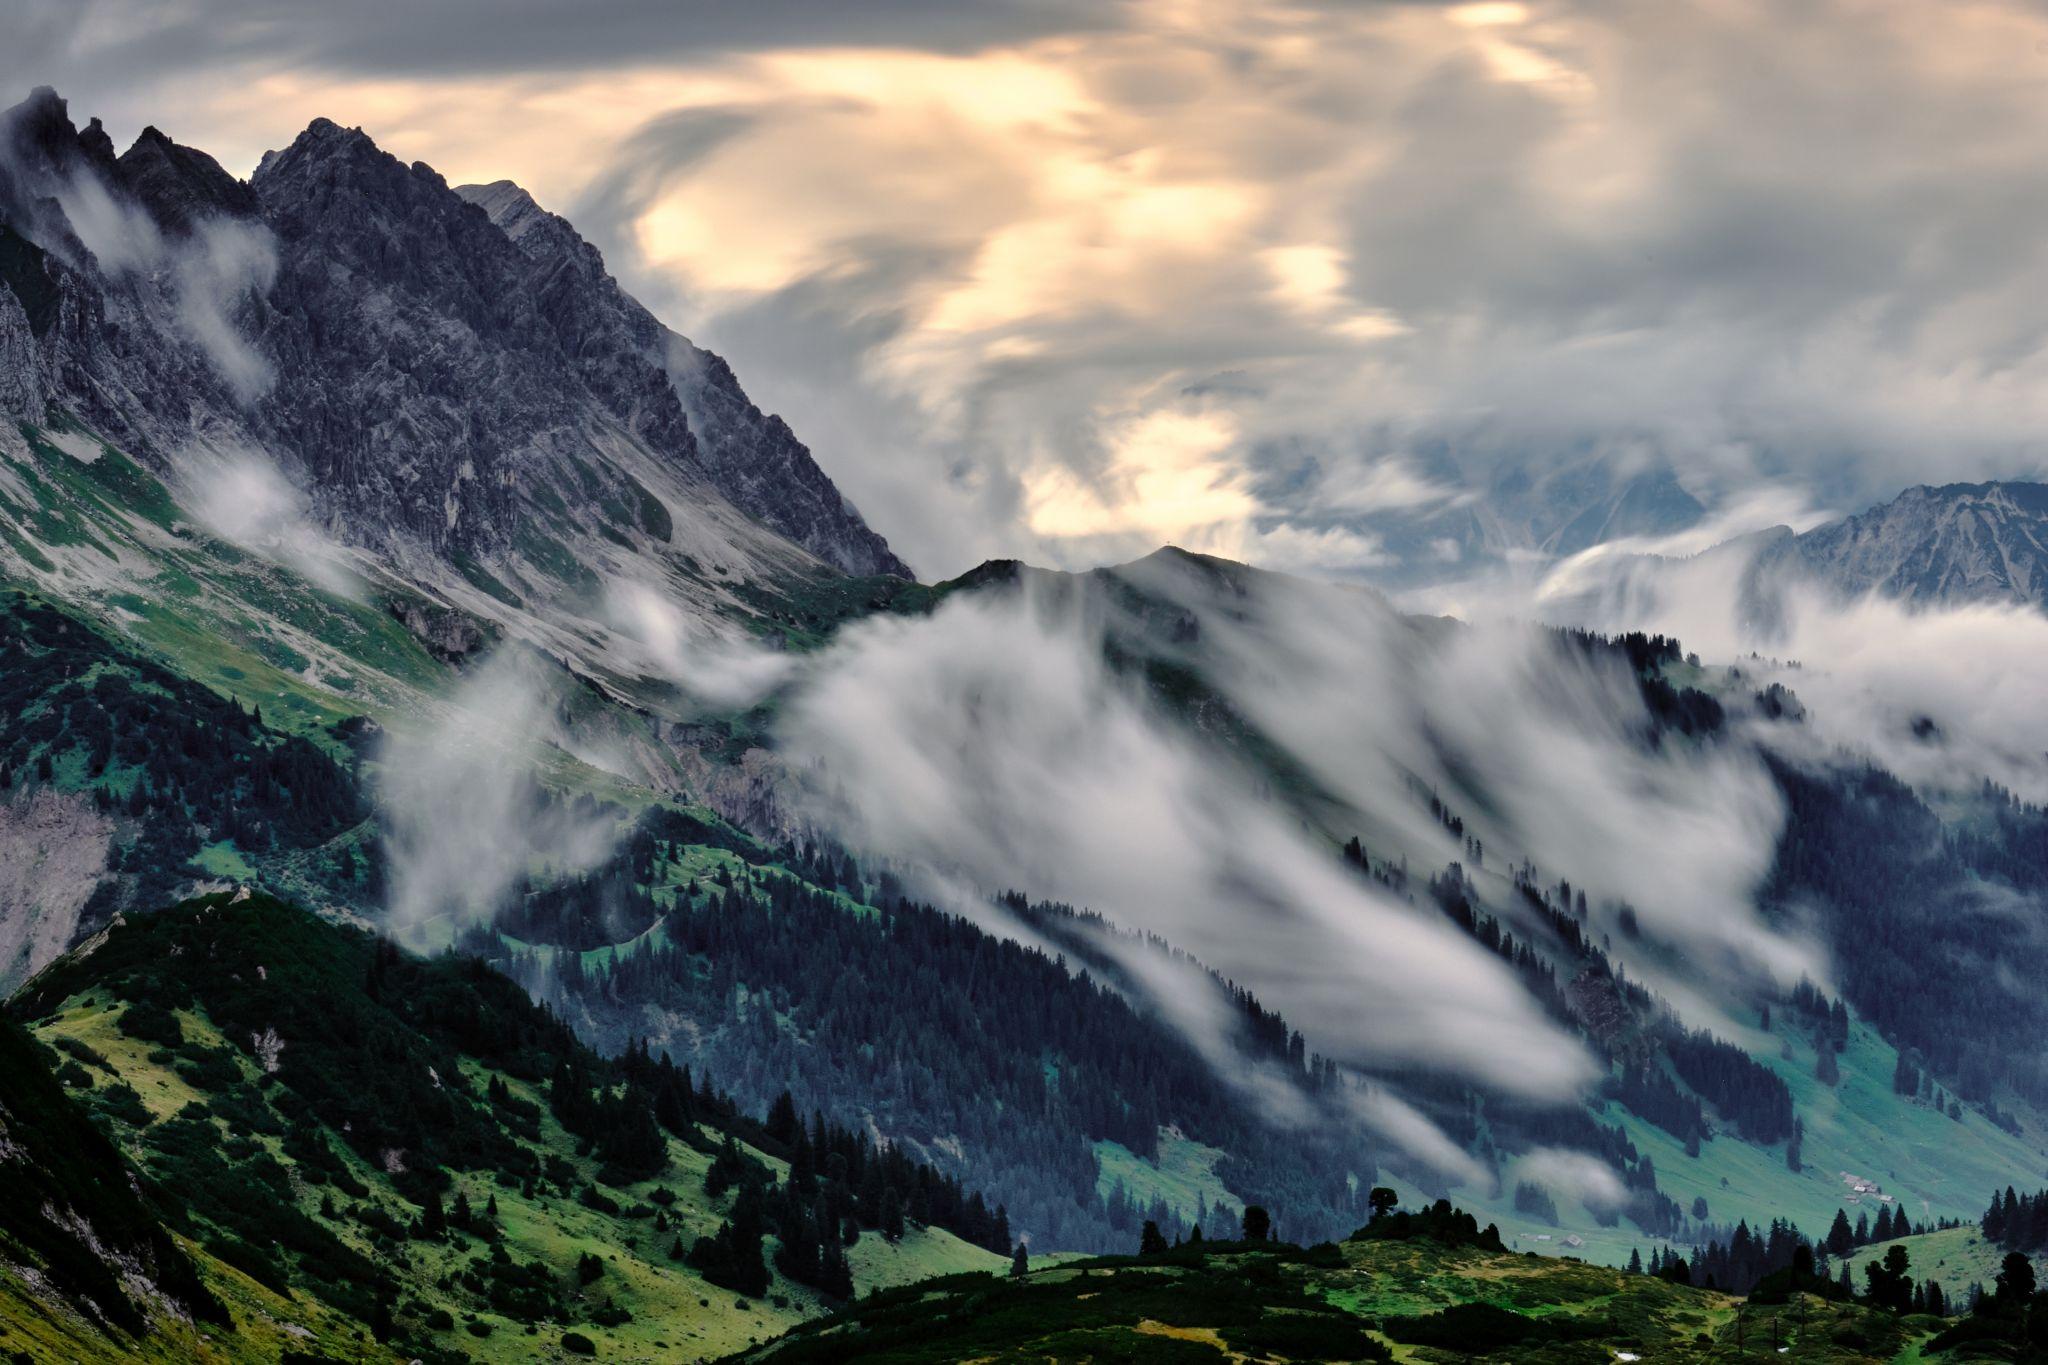 Zimba peak panorama, Austria